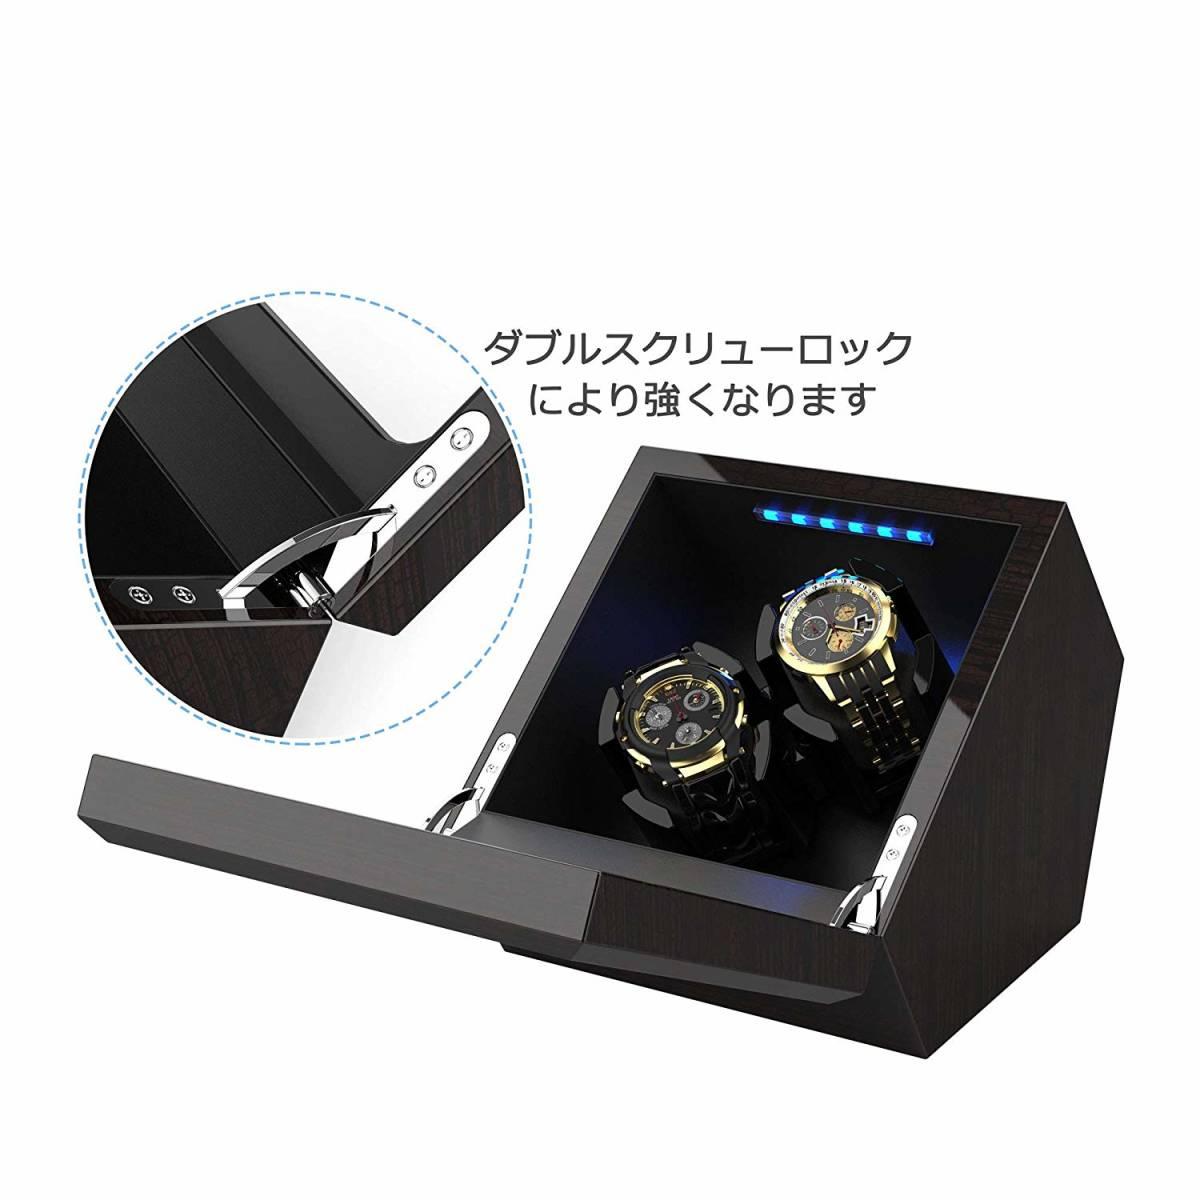 【新品・未使用】ワインディングマシーン 腕時計 自動巻き器 ウォッチワインダー2本巻き上げ LEDライト付 日本語説明書_画像2